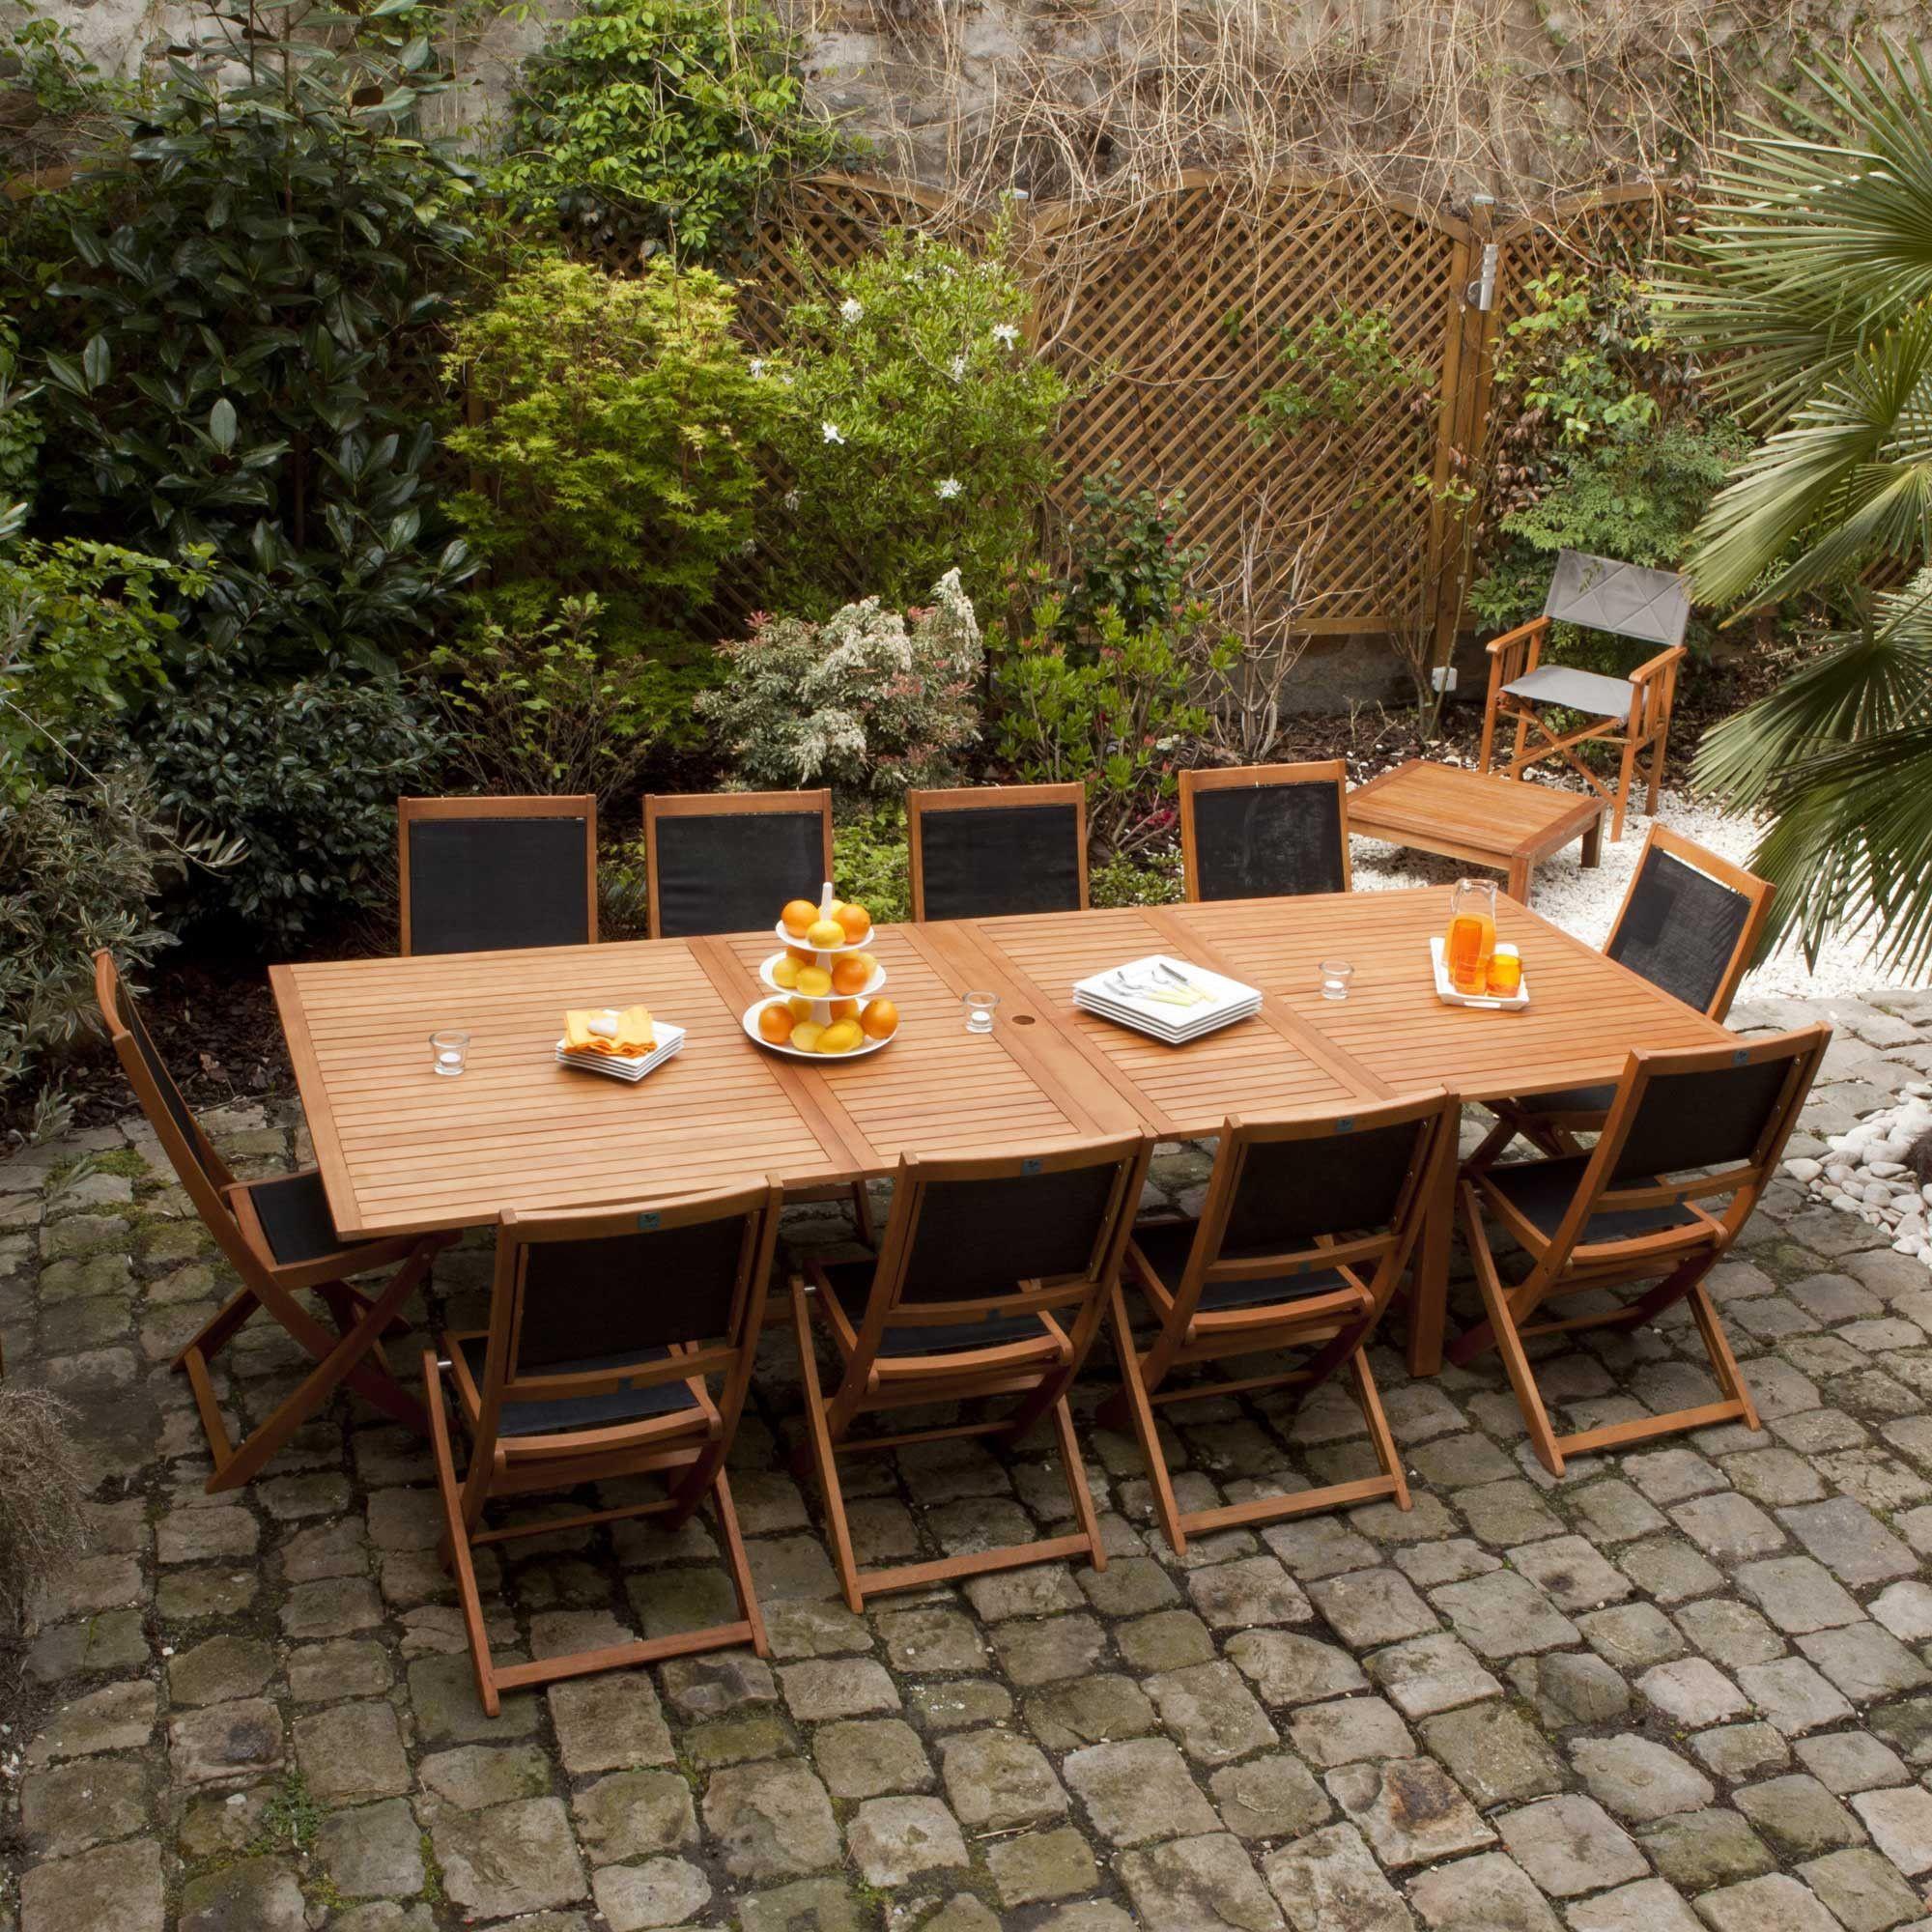 Housse Pour Table De Jardin Leclerc avec Table De Jardin En Resine Tressee Leclerc